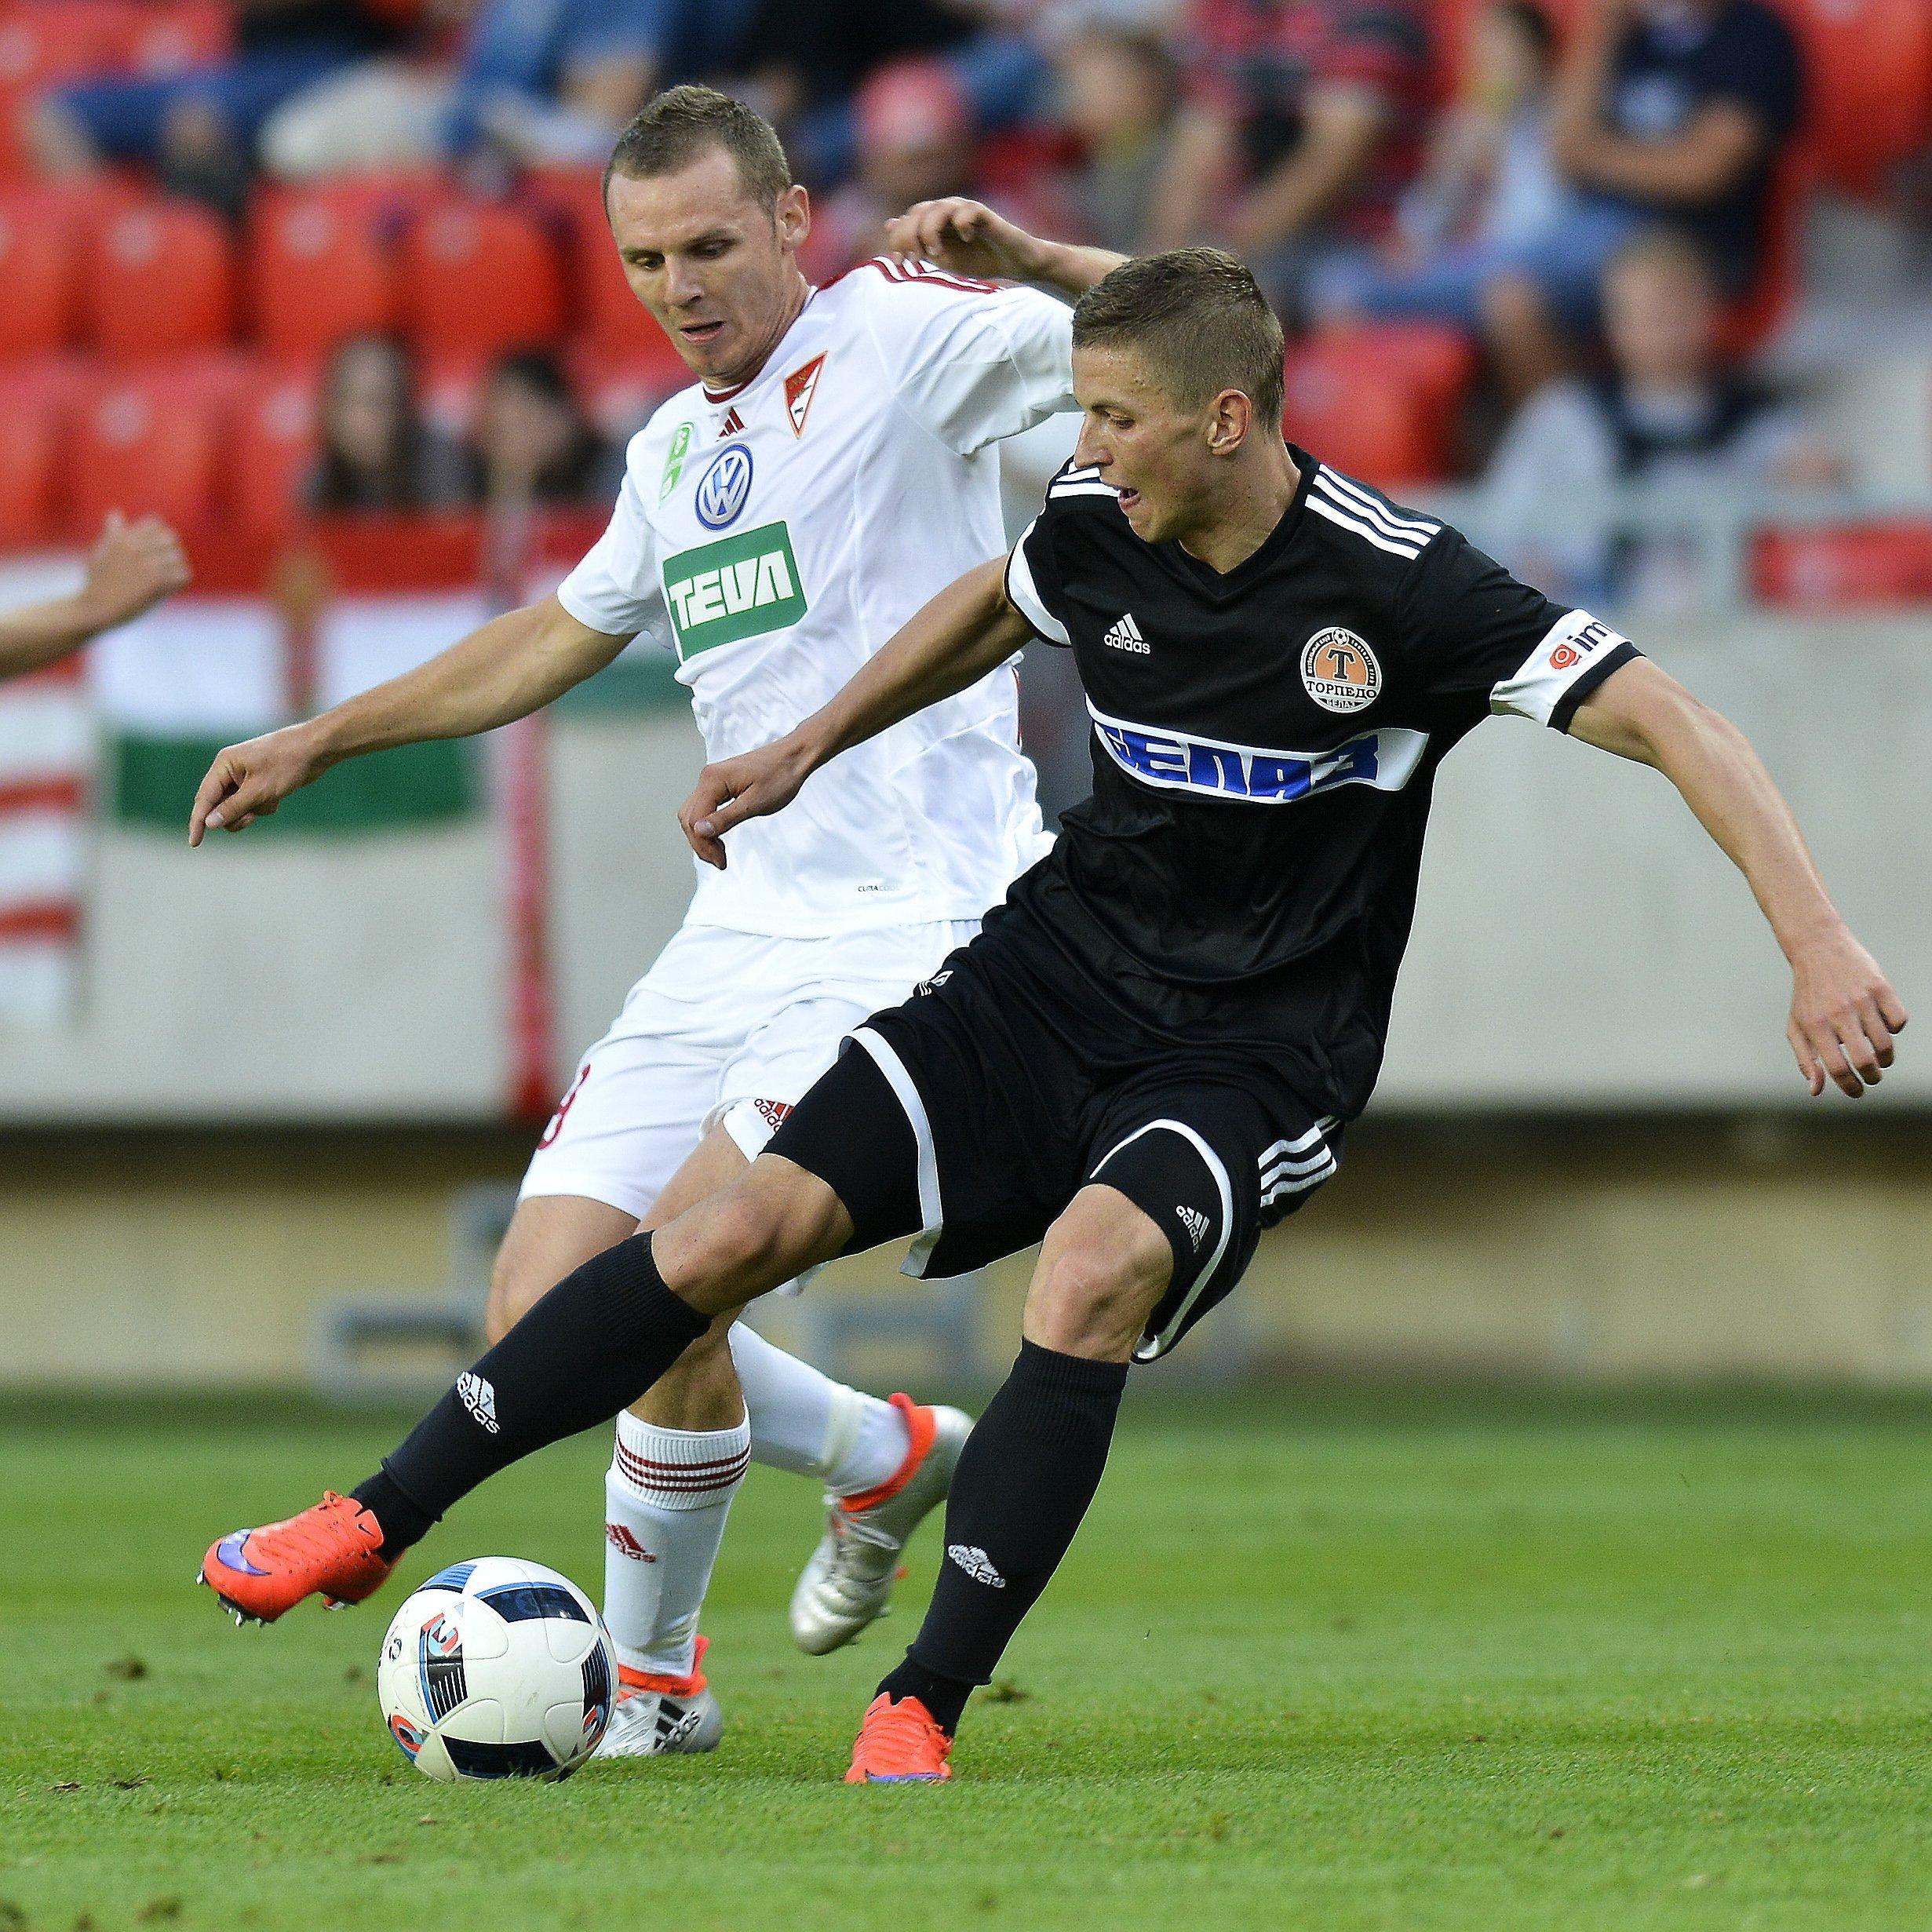 A Debrecen simán, kettős vereséggel esett ki az Európa Ligából